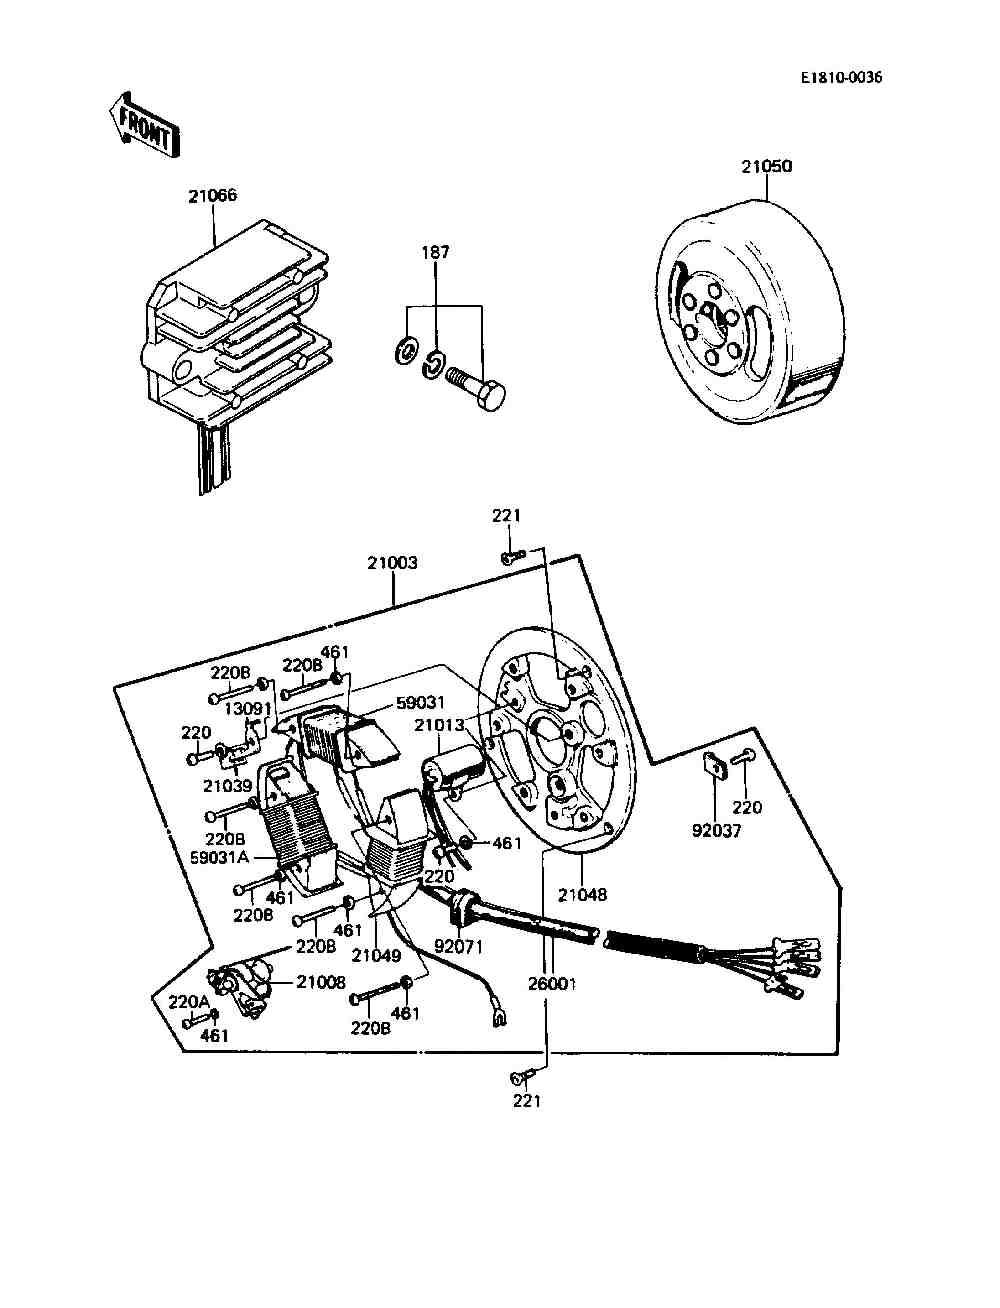 Ke100 Wiring Diagram 1989 Simple Parts Finder Kawasaki Motorcycles J Motors Massillon Oh Kz400